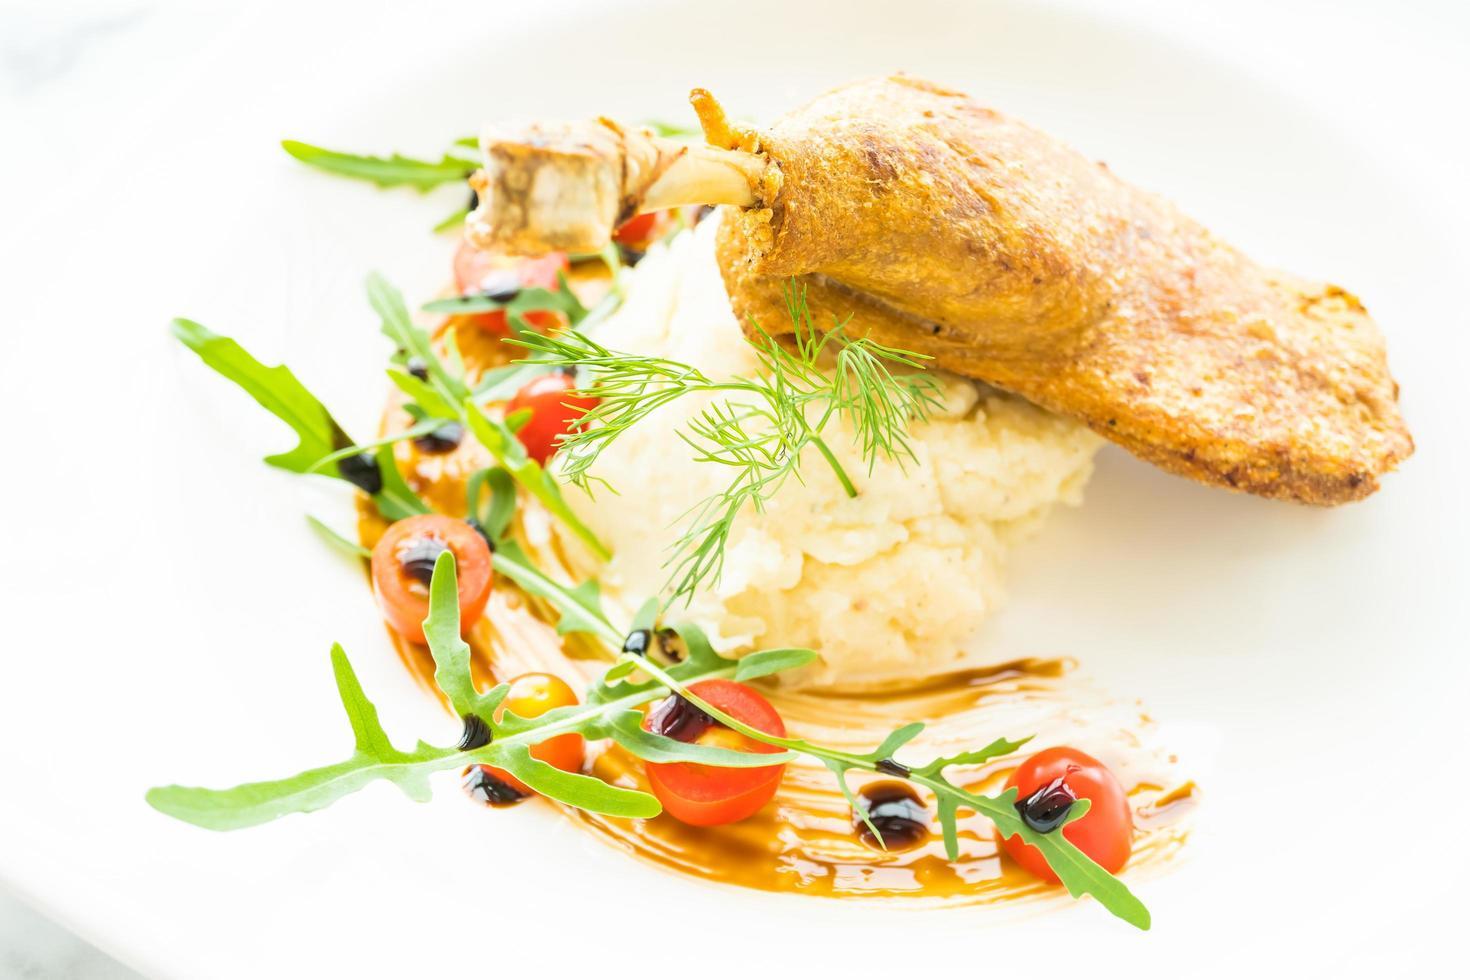 muslo de pato frito con ensalada de papas foto